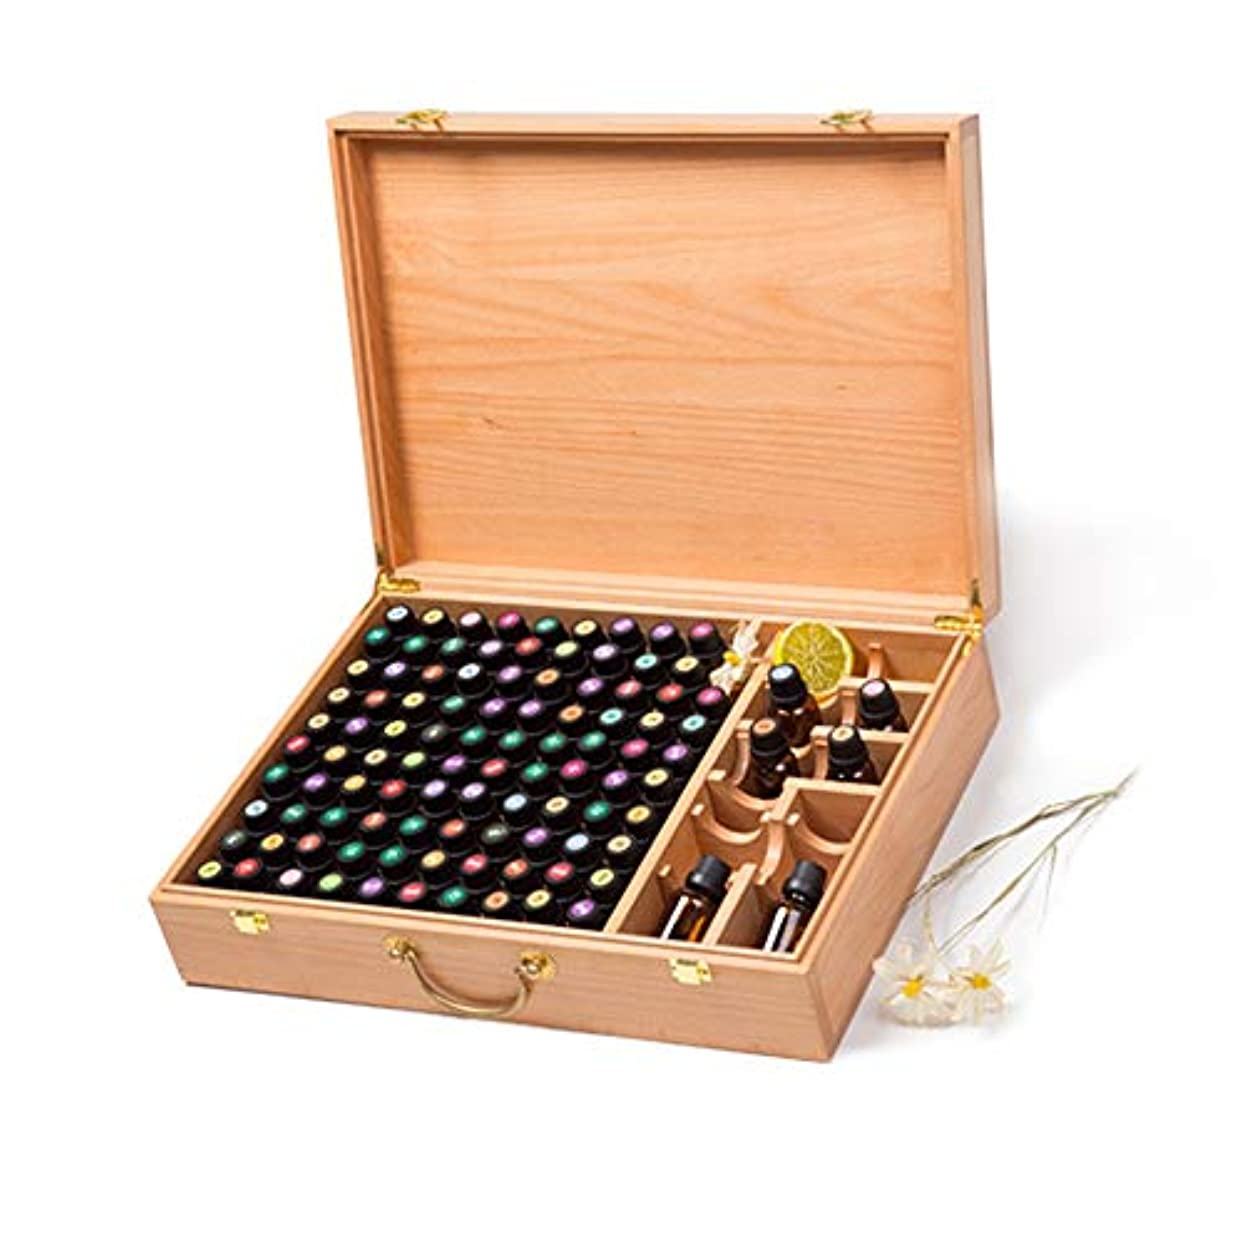 取得アルファベットトイレハンドルパーフェクトエッセンシャルオイルのケースでは手作りの木製エッセンシャルオイルストレージボックスは100の油のボトルを保持します アロマセラピー製品 (色 : Natural, サイズ : 44X31.5X10.5CM)